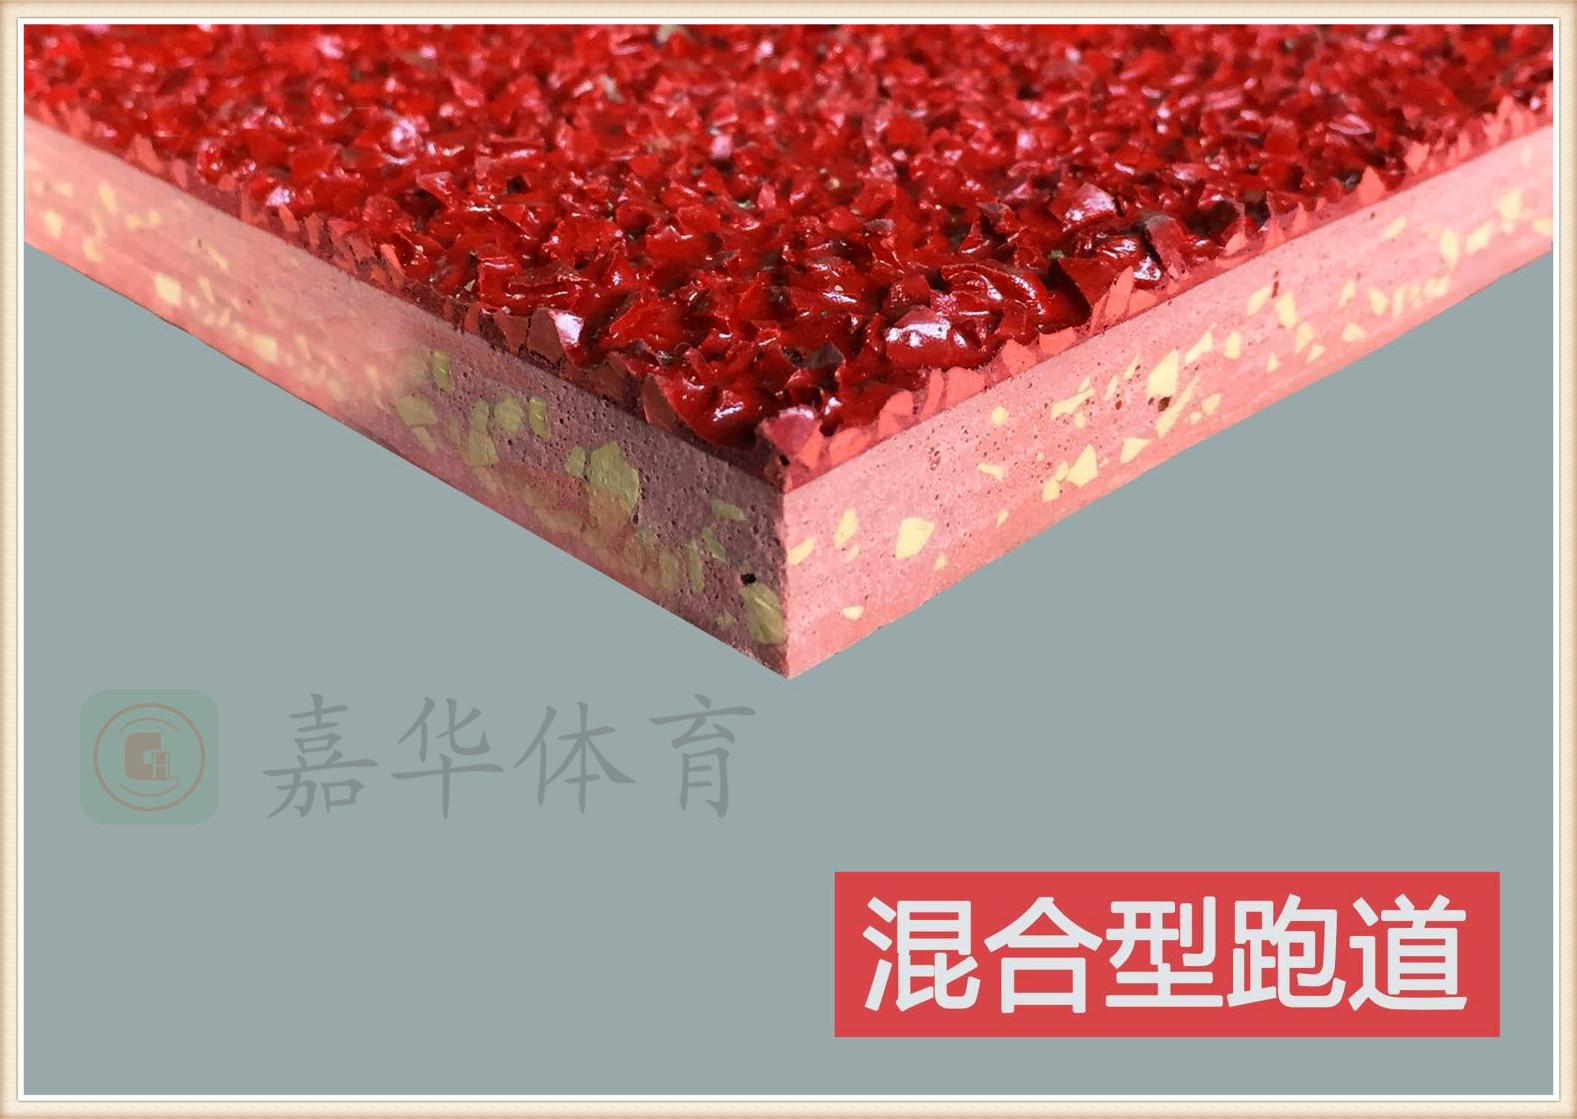 塑胶跑道材料厂家_混合型跑道